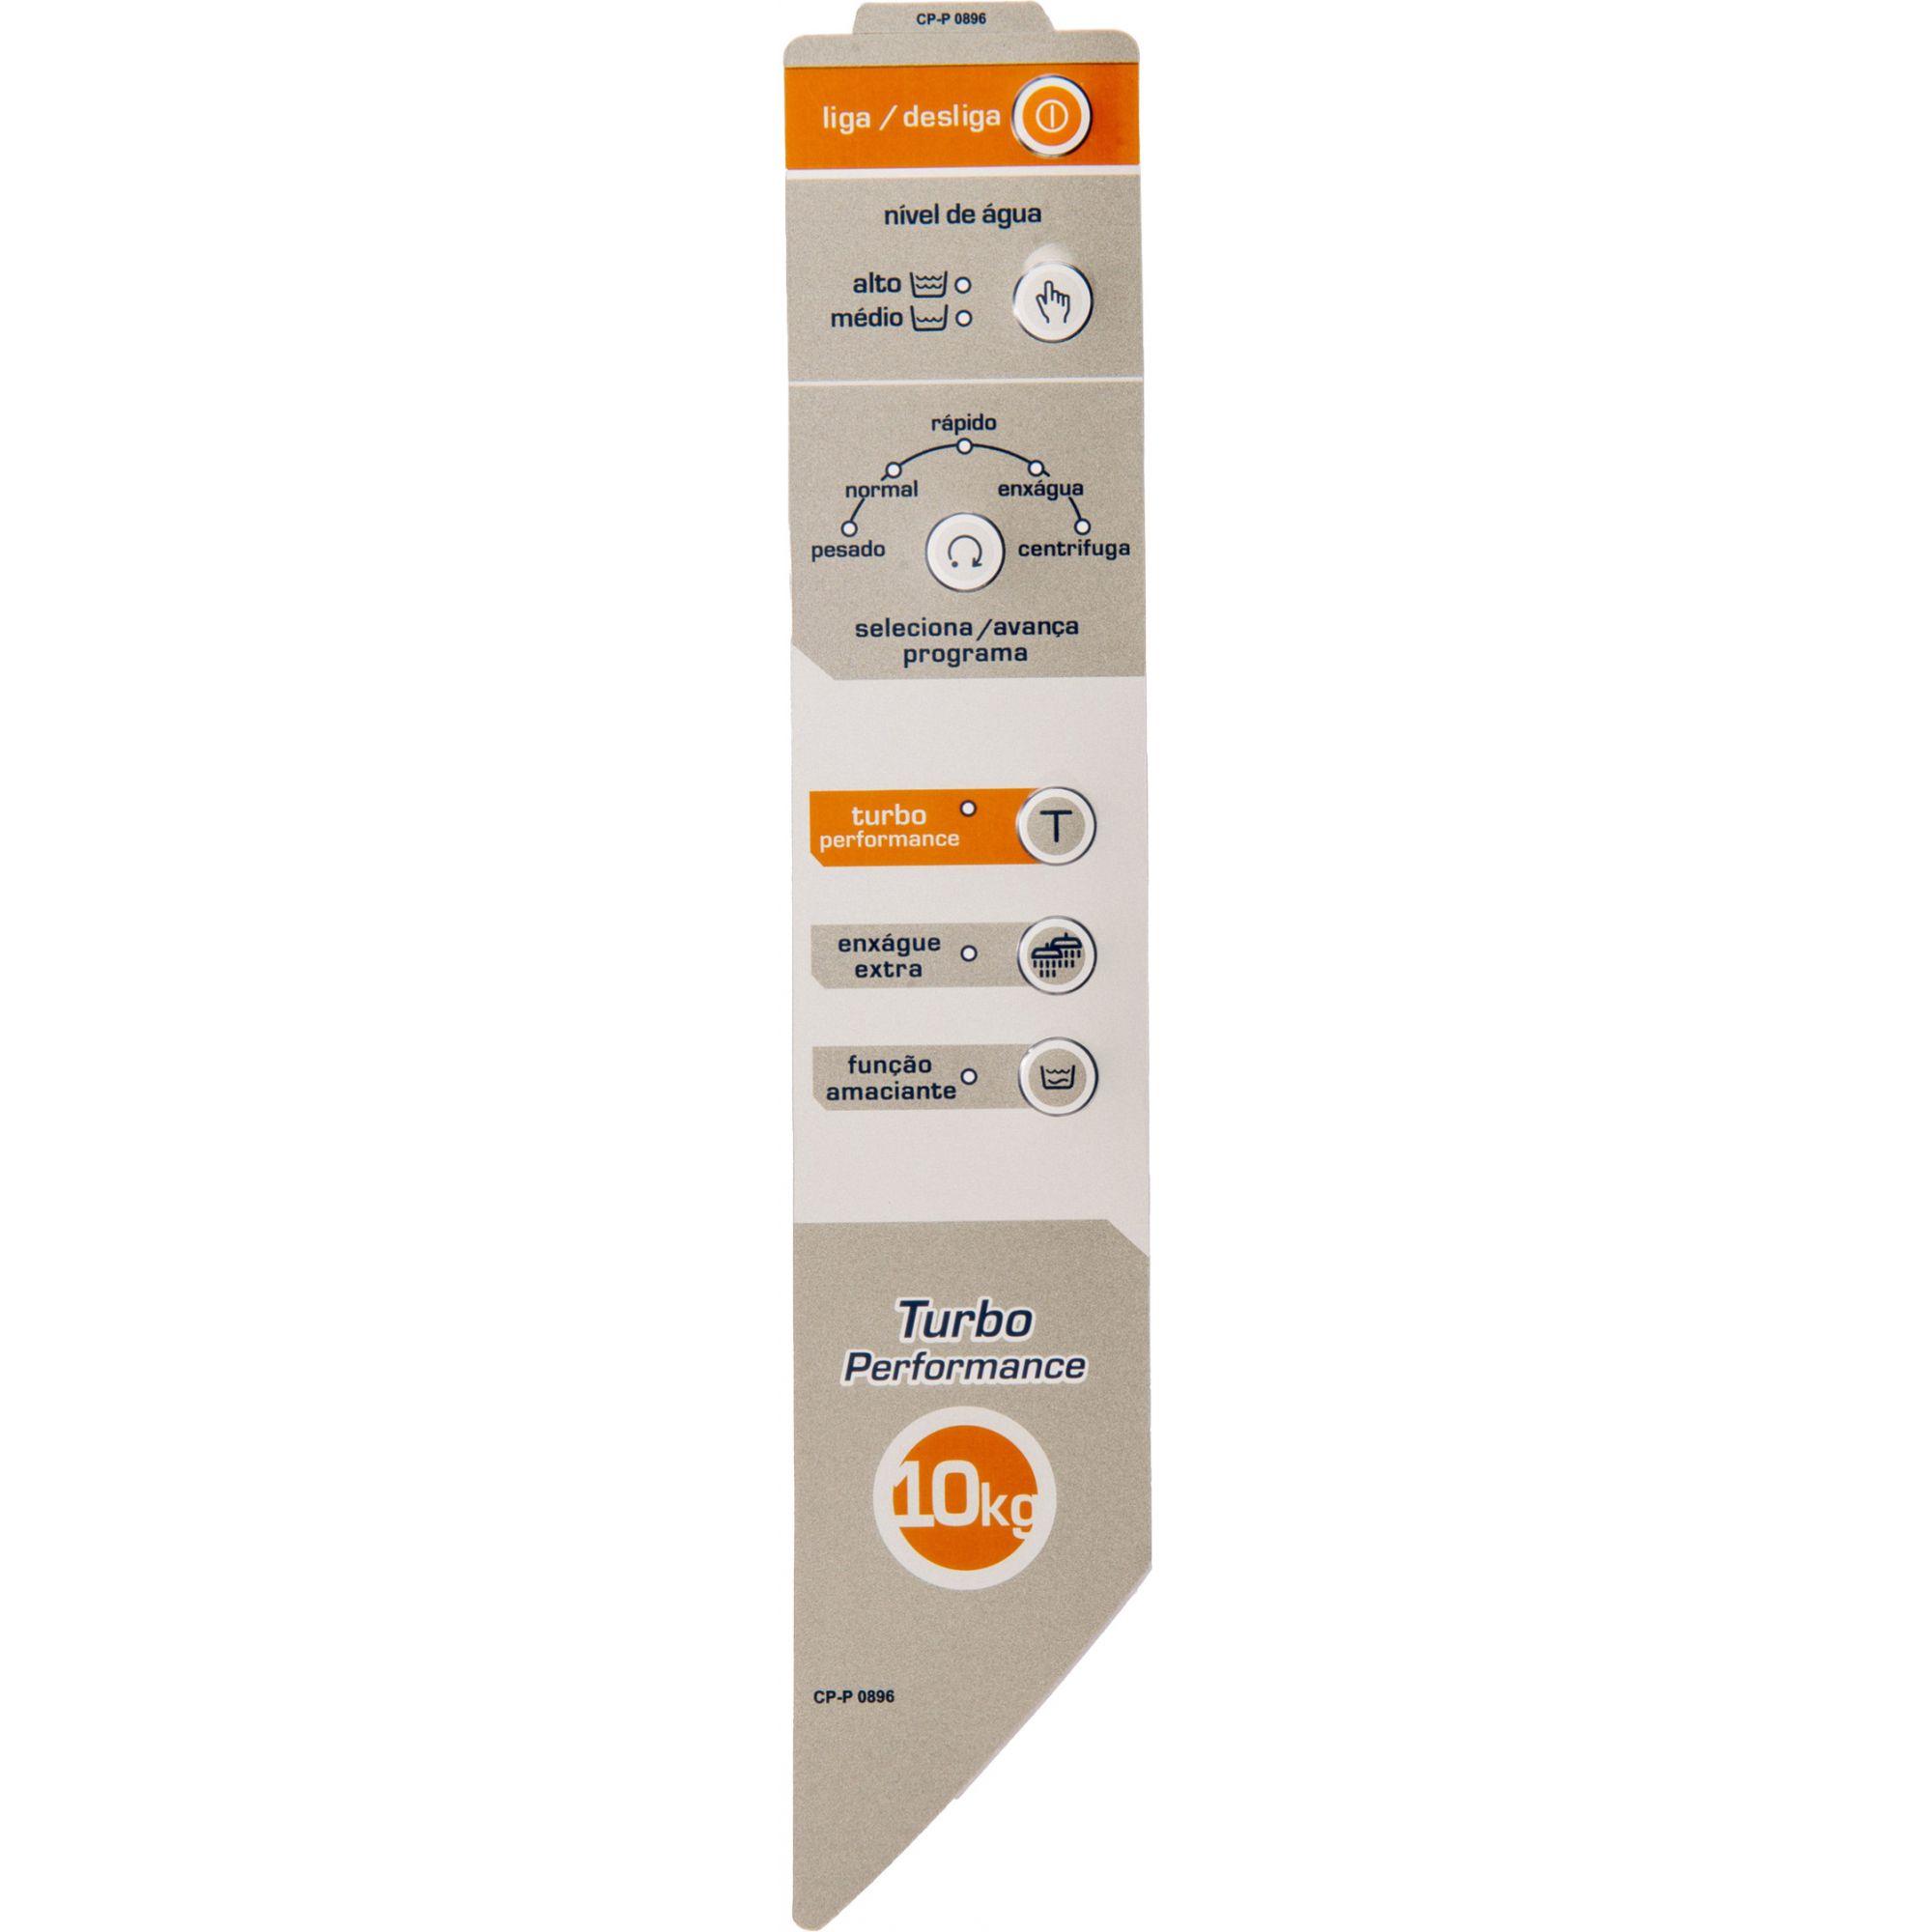 Painel Decorativo Compatível Lavadora BWG10A BWC10 Turbo 10kg Velazquez Direito 326059678-CP0896